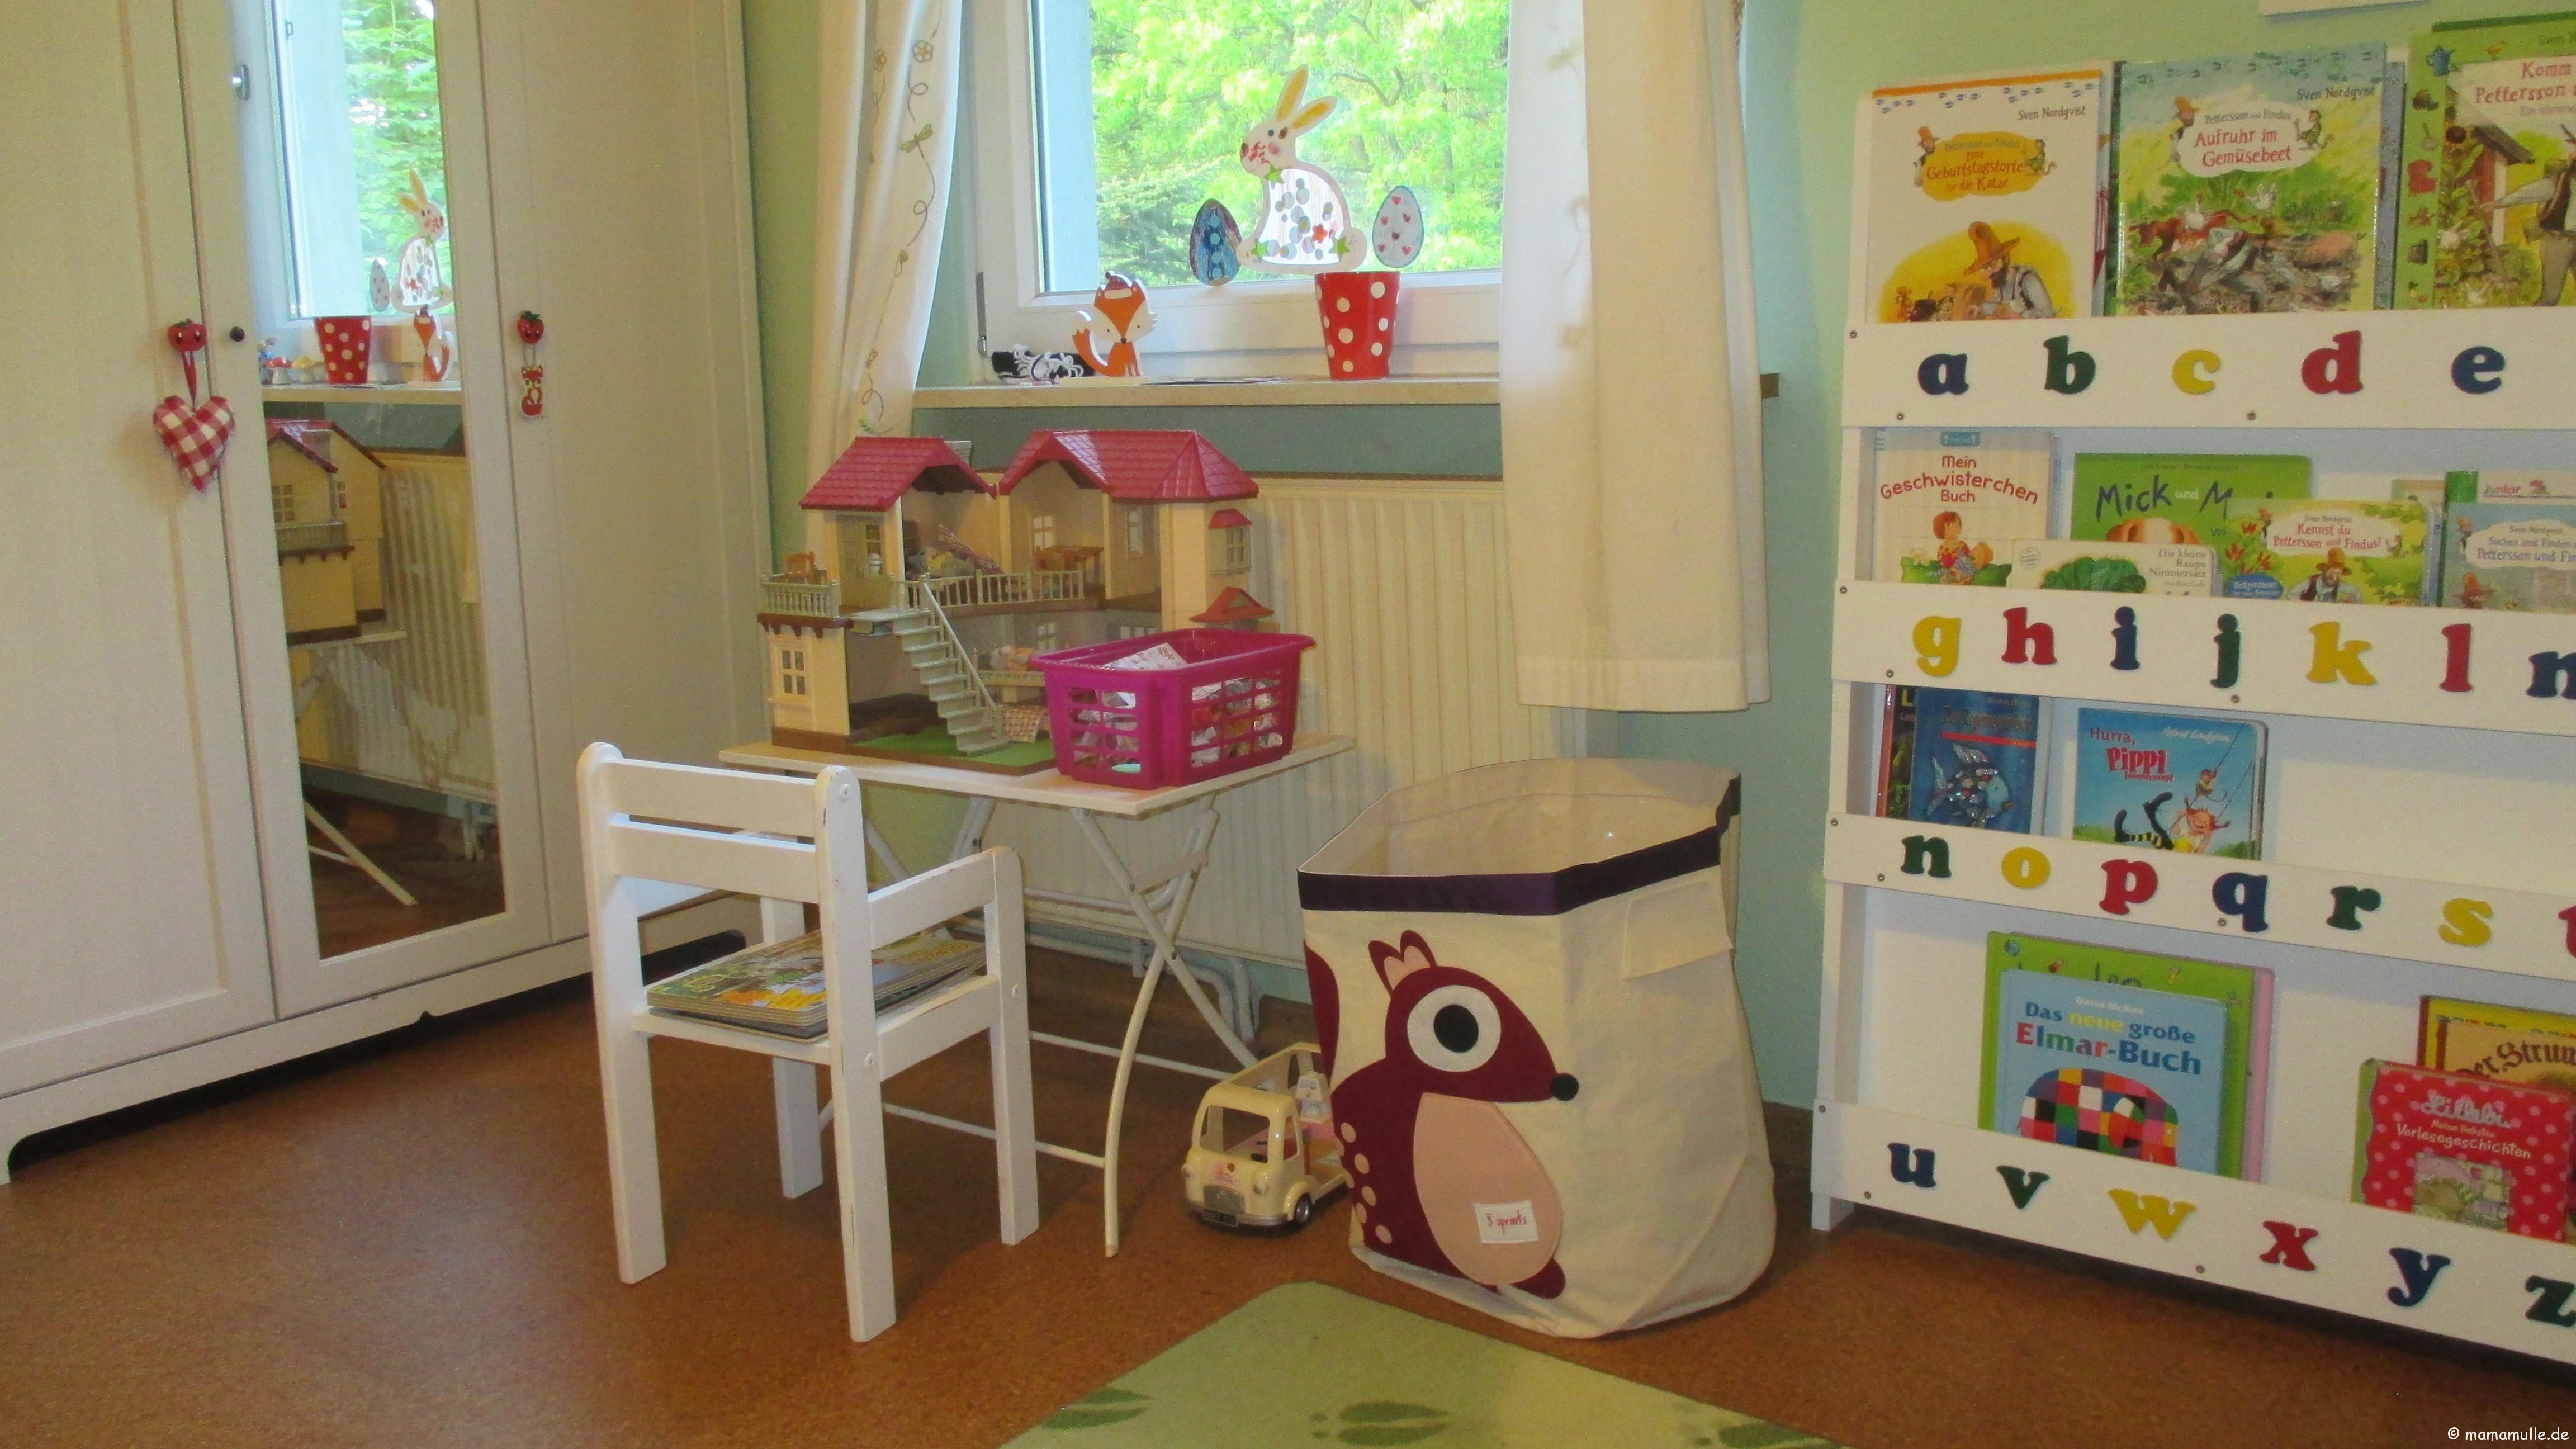 Kinderzimmer – mamamulle's blog